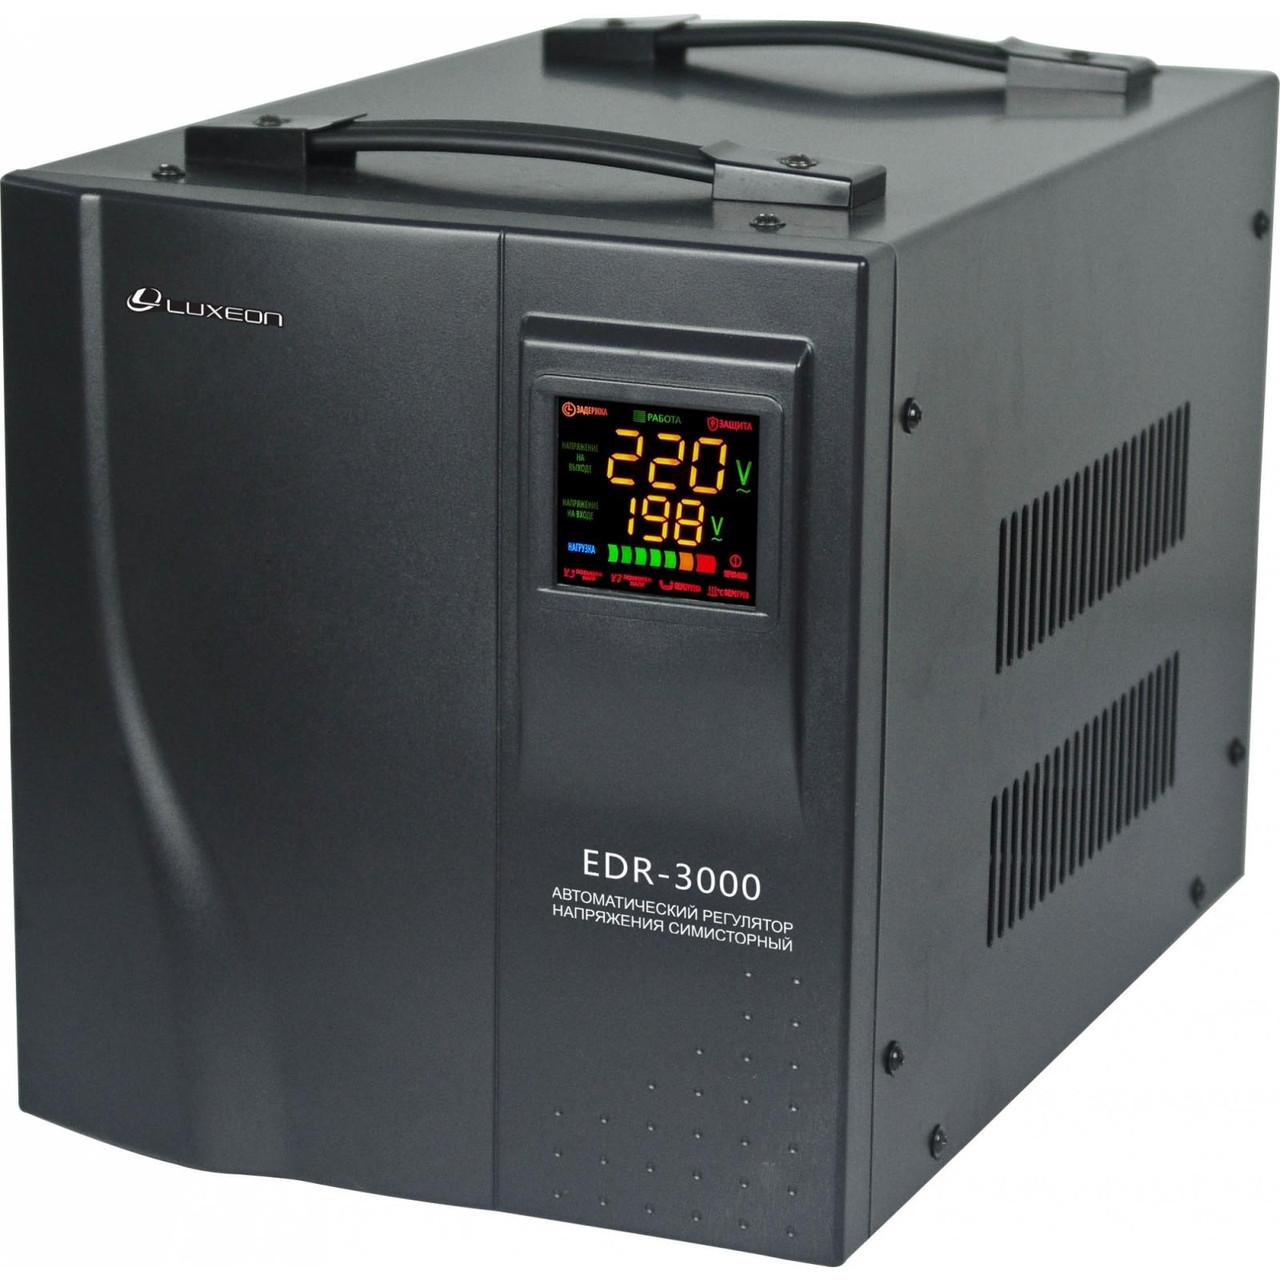 Стабилизатор напряжения Luxeon EDR-3000 (симисторный)